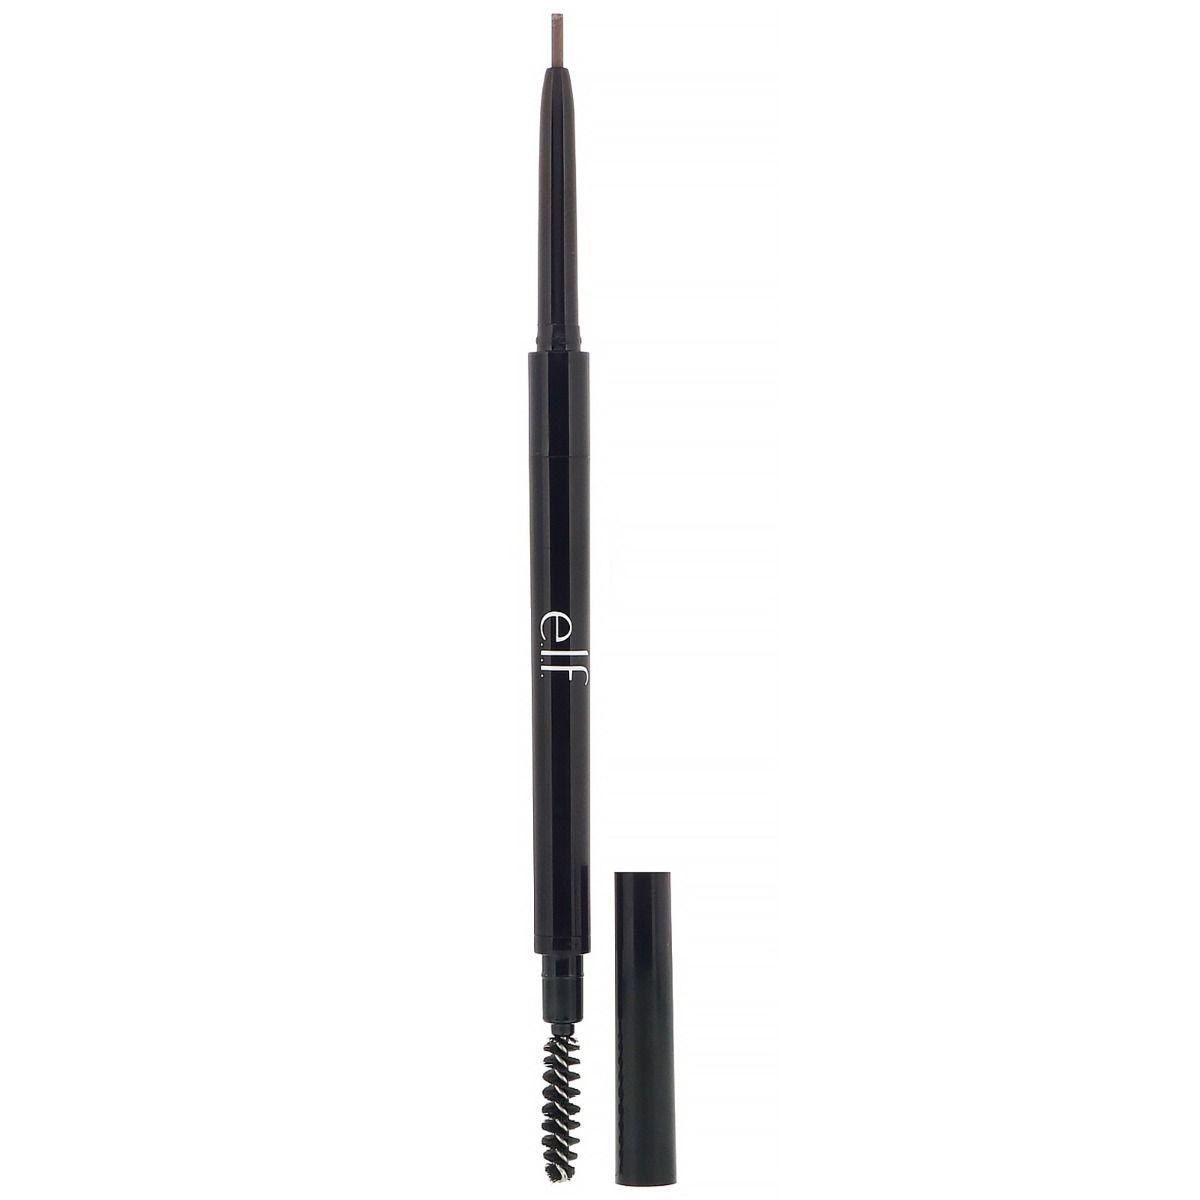 e.l.f. Ultra Precise Brow Pencil Brunette